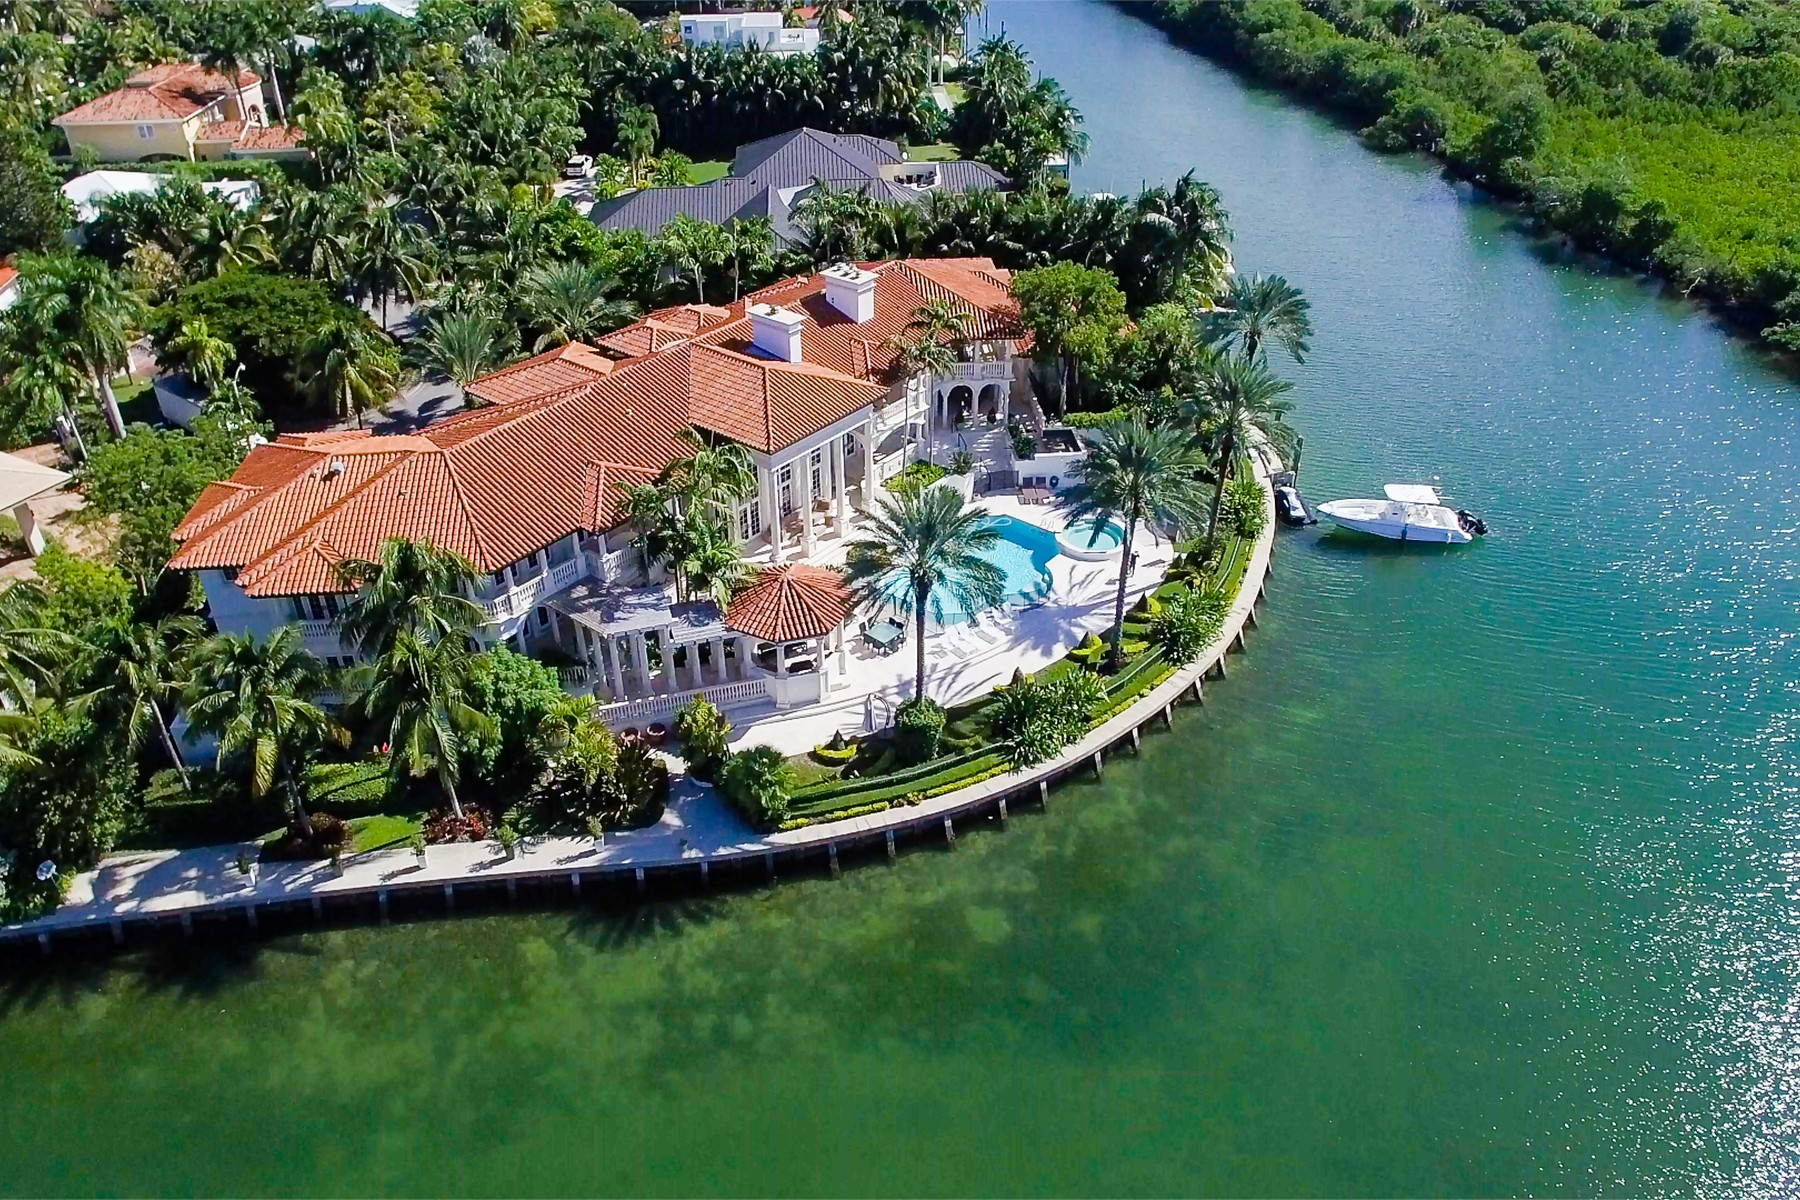 Maison unifamiliale pour l Vente à 260 Cape Florida Dr Key Biscayne, Florida, 33149 États-Unis